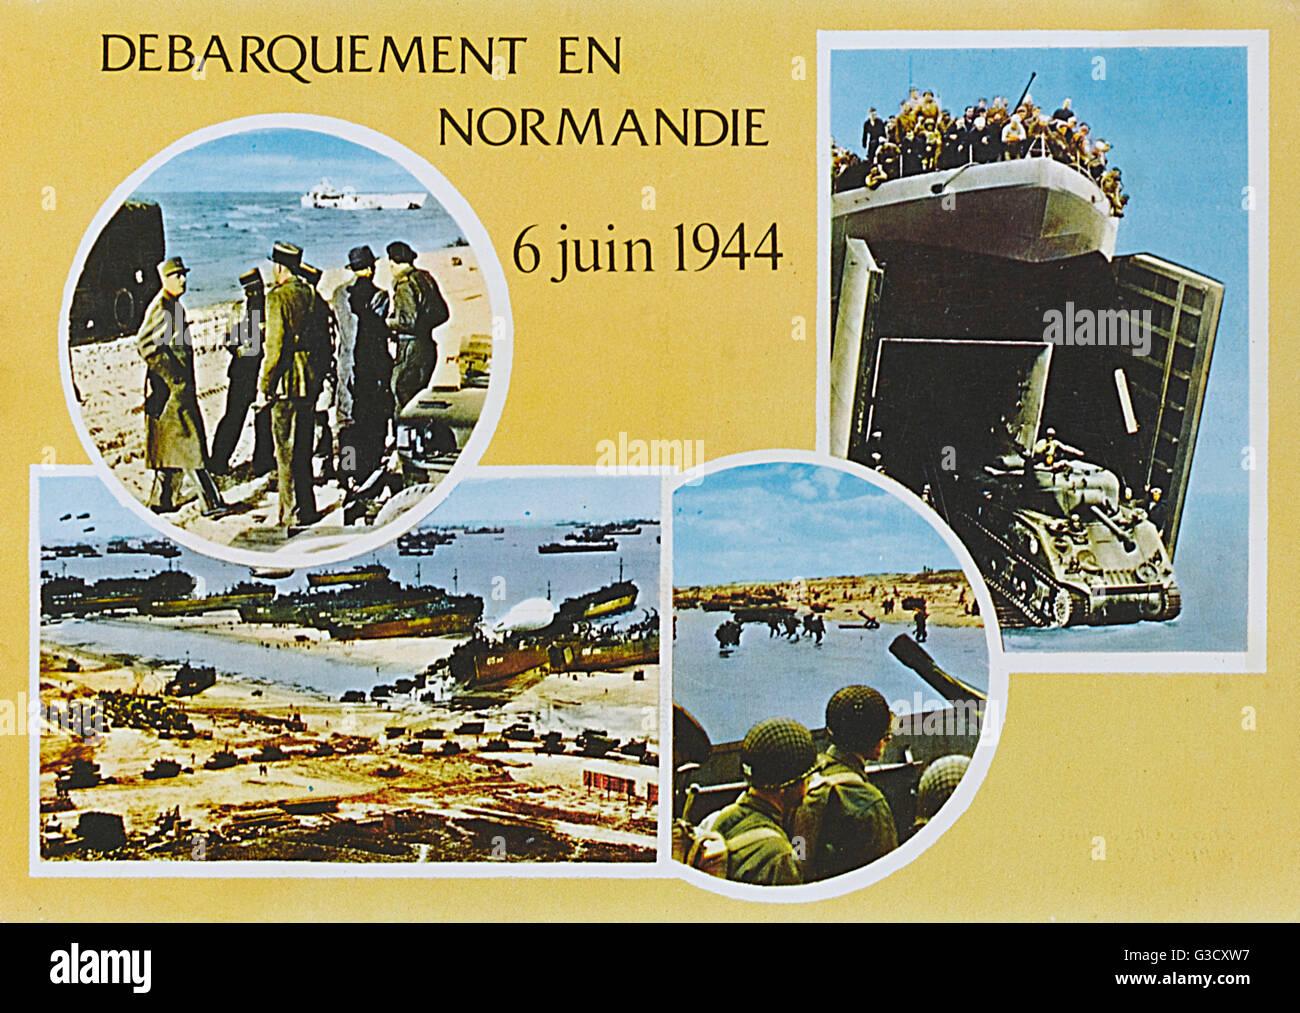 Debarquement De Normandie 6 Juin 1944 Ww2 Date 1944 Photo Stock Alamy